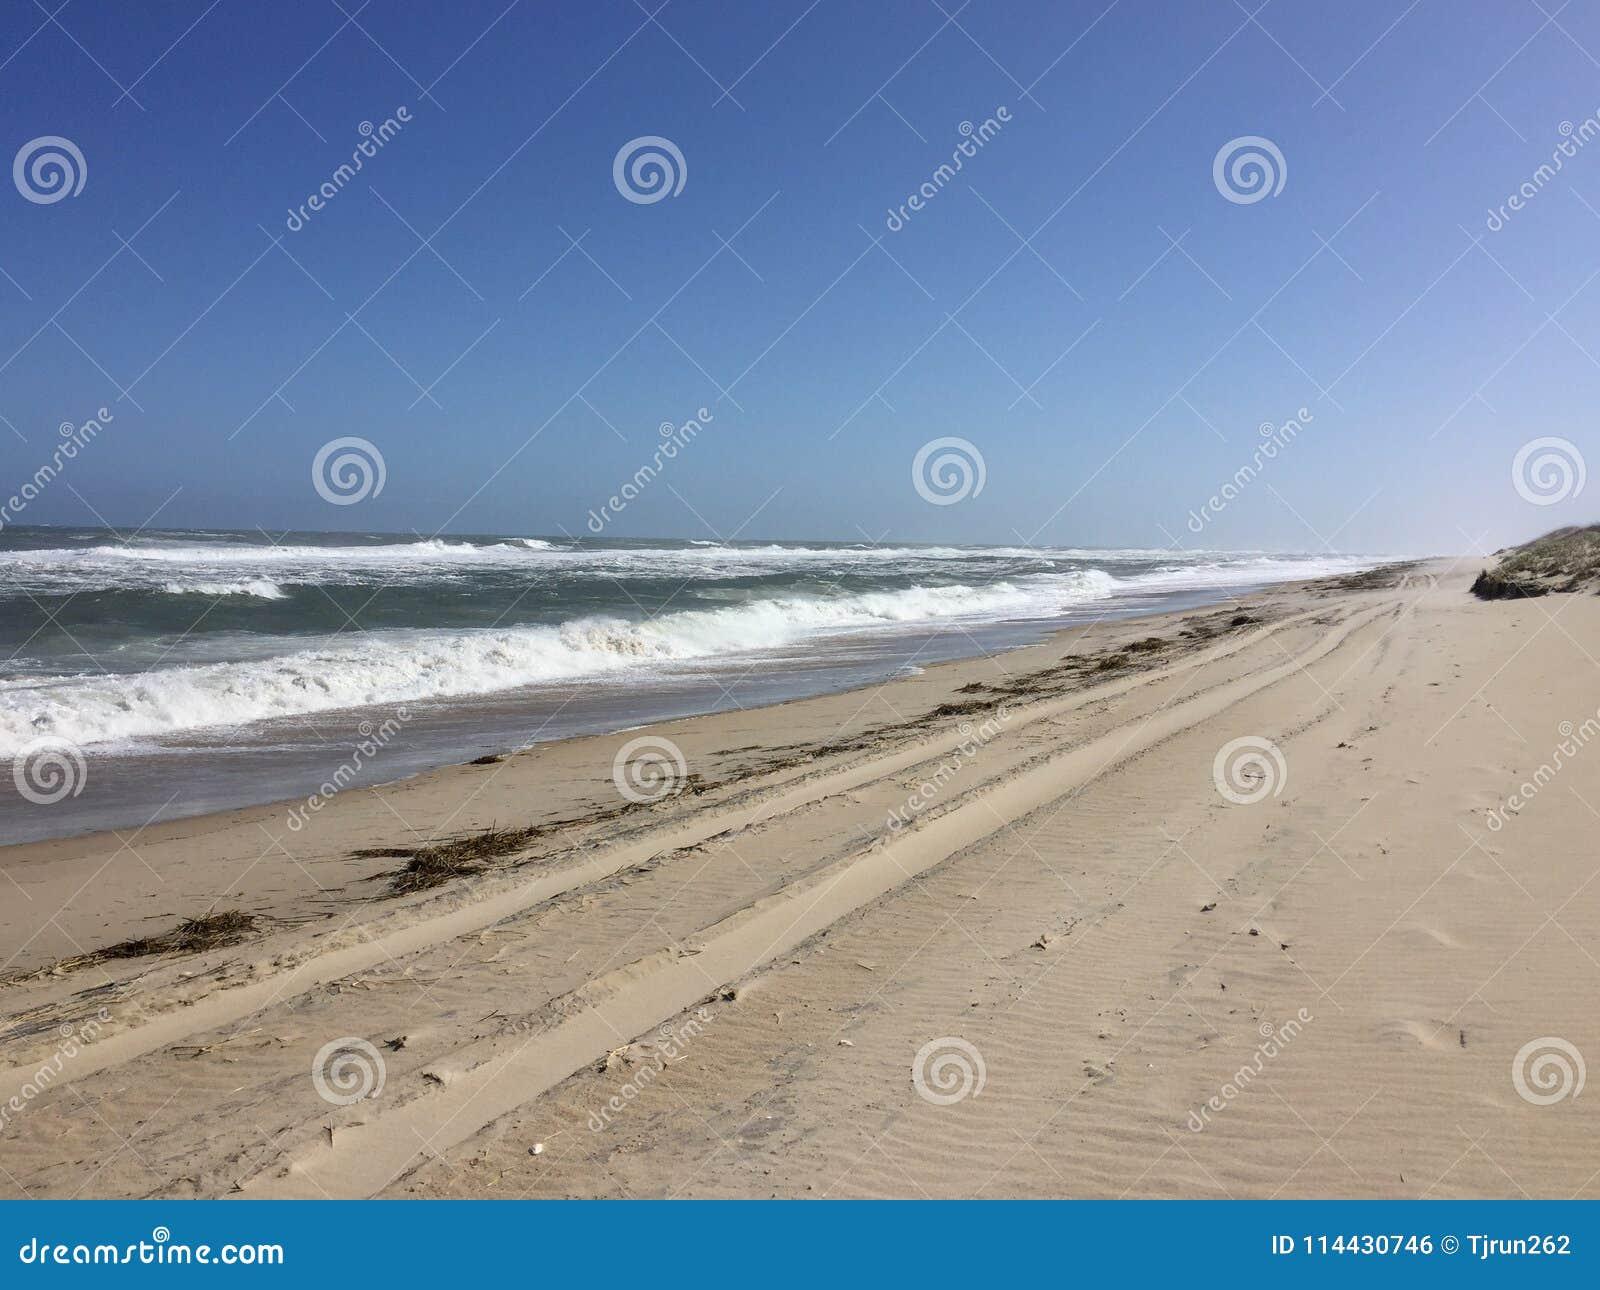 Tire tracks on a deserted beach